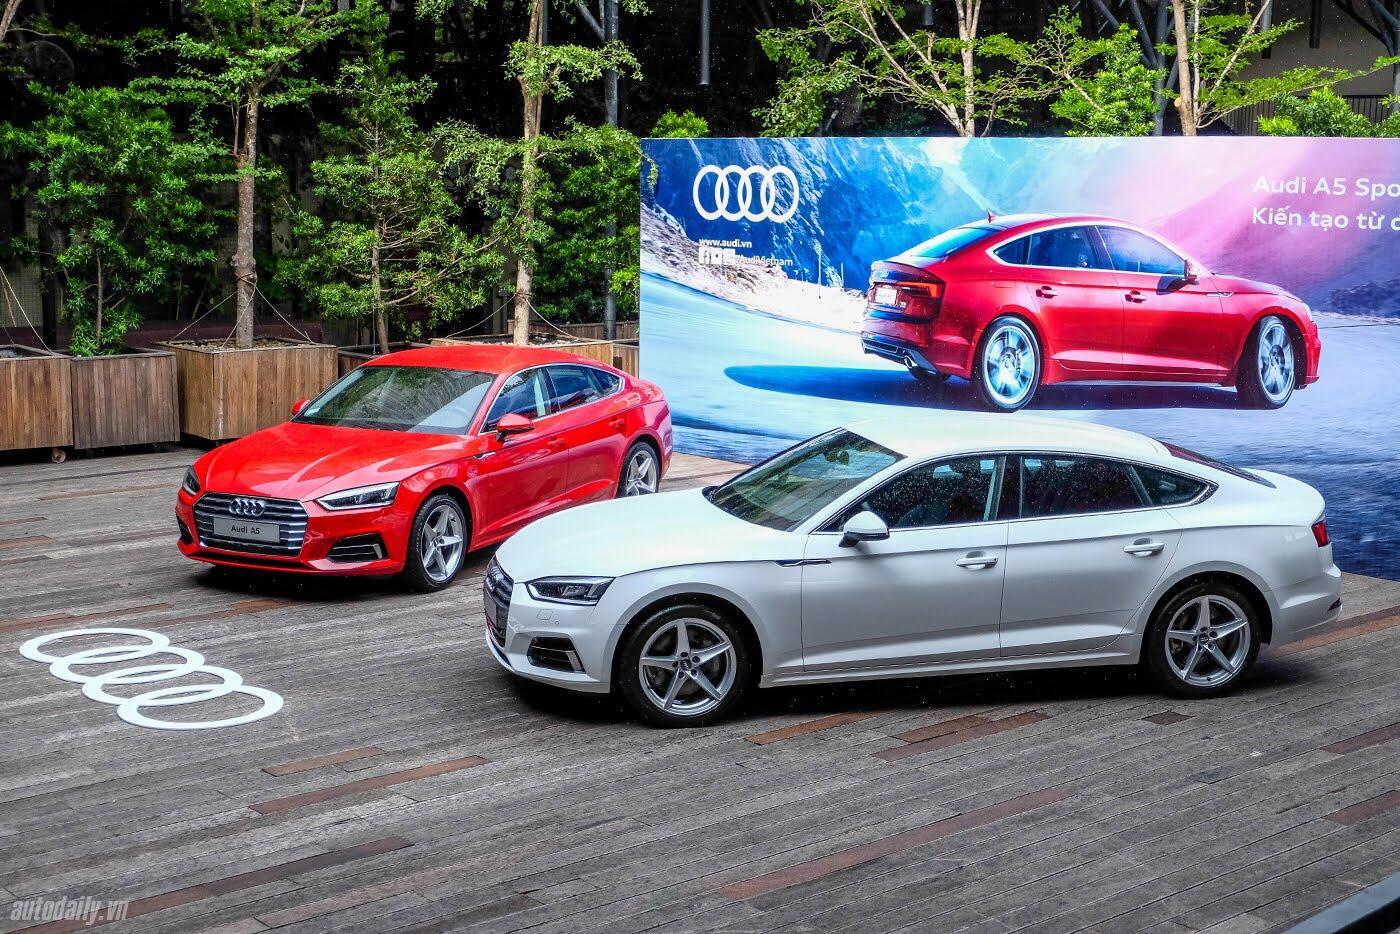 Audi A5 Sportback 2017 chính thức ra mắt tại Việt Nam - Hình 1